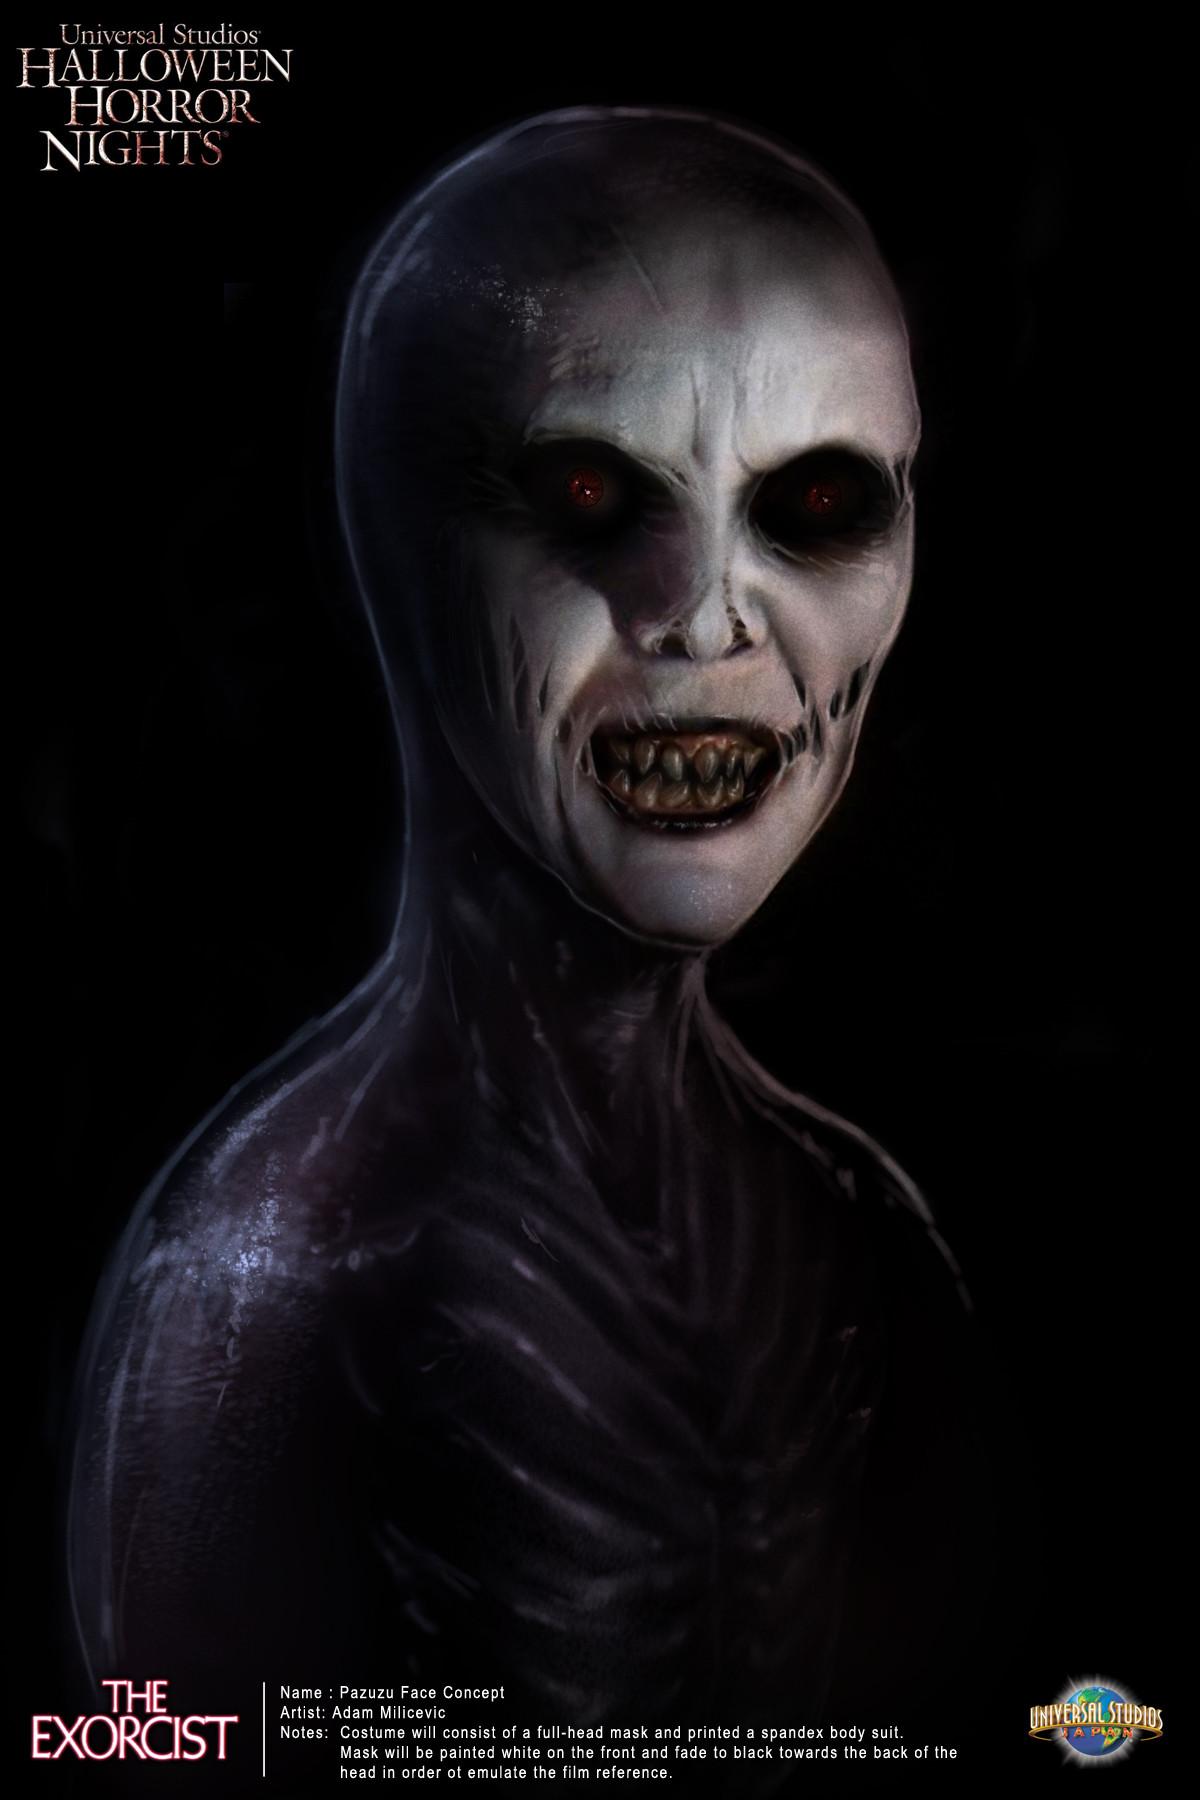 Adam milicevic pazuzu concept face